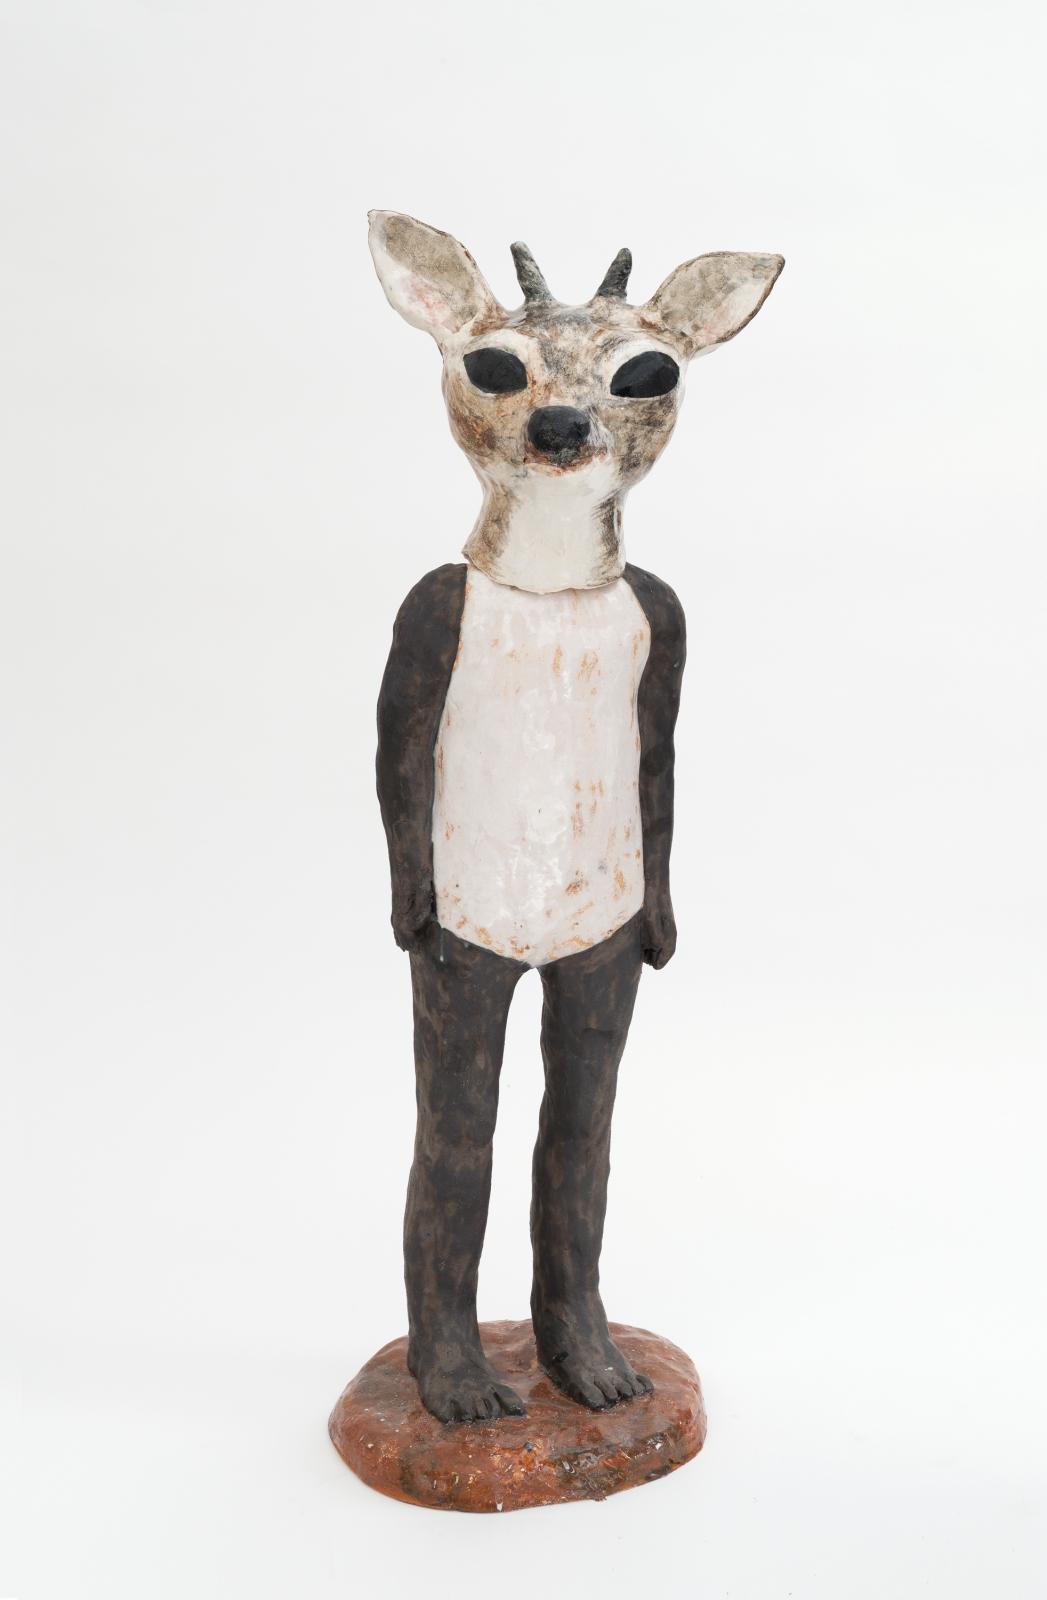 克拉拉·克莉斯塔洛娃 Deer, 2011